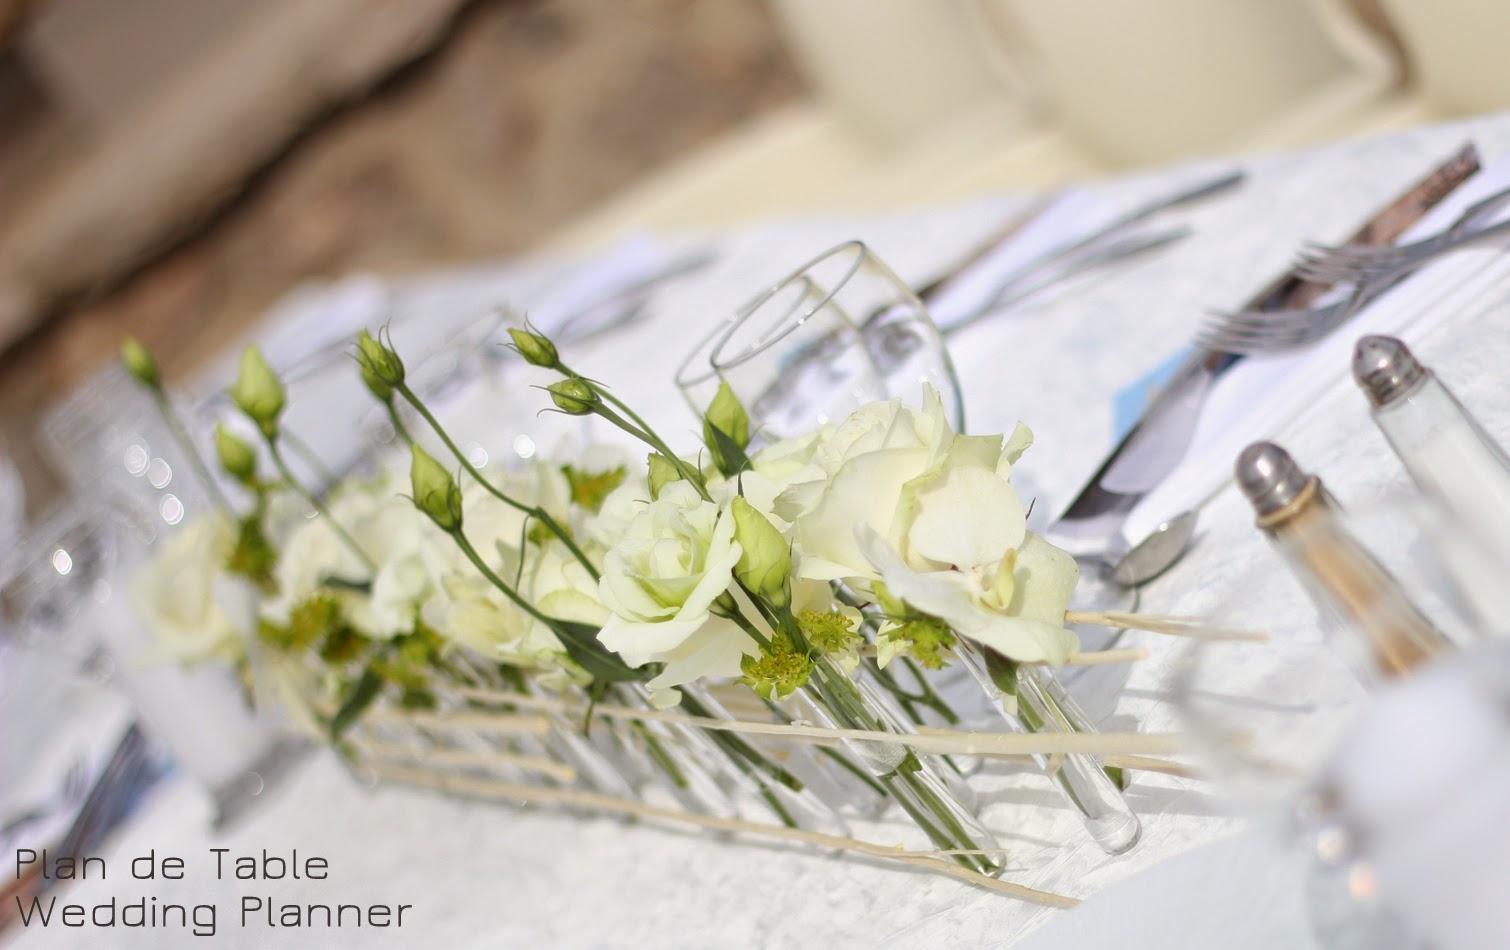 Plan de table le blog pr pas mariage floral design je ne sais pas quoi - Centre de table rectangulaire mariage ...